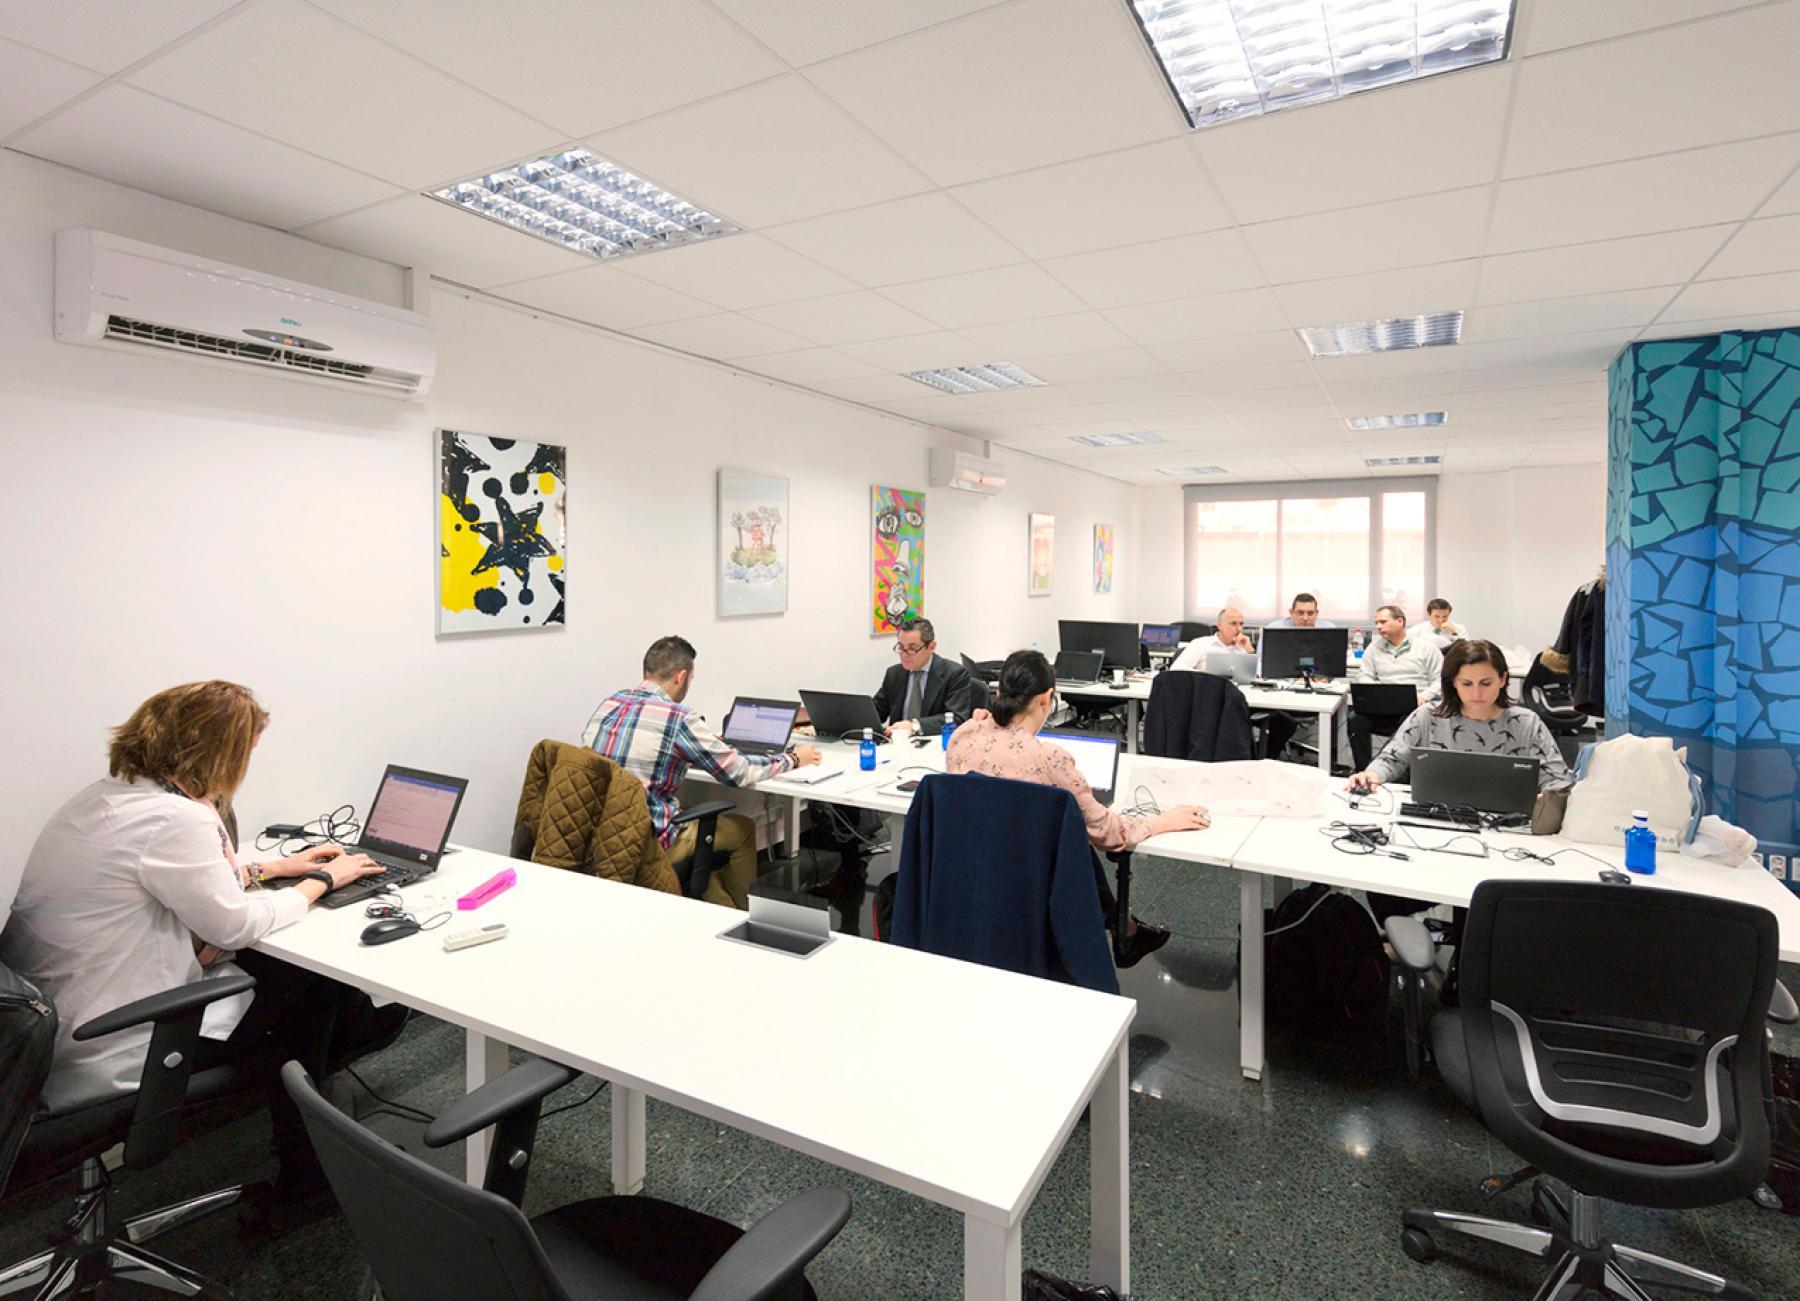 Alquilar oficinas Carrer de Provença 385, Barcelona (8)